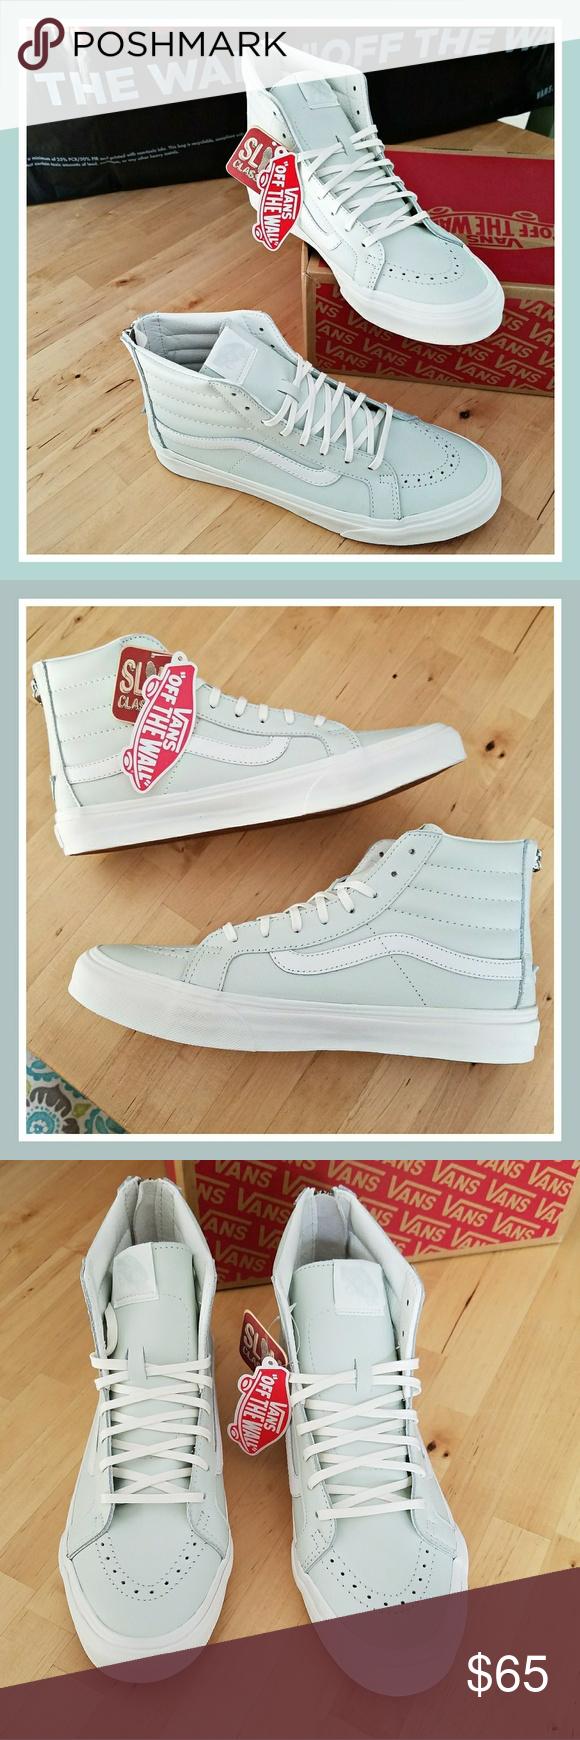 848a67abaee82f Vans Sk8-Hi Slim Zip in Leather Zephyr Blue Brand new with box and tags Vans  Sk8-Hi Slim Zips. Men s 8 Women s 9.5 Vans Shoes Sneakers